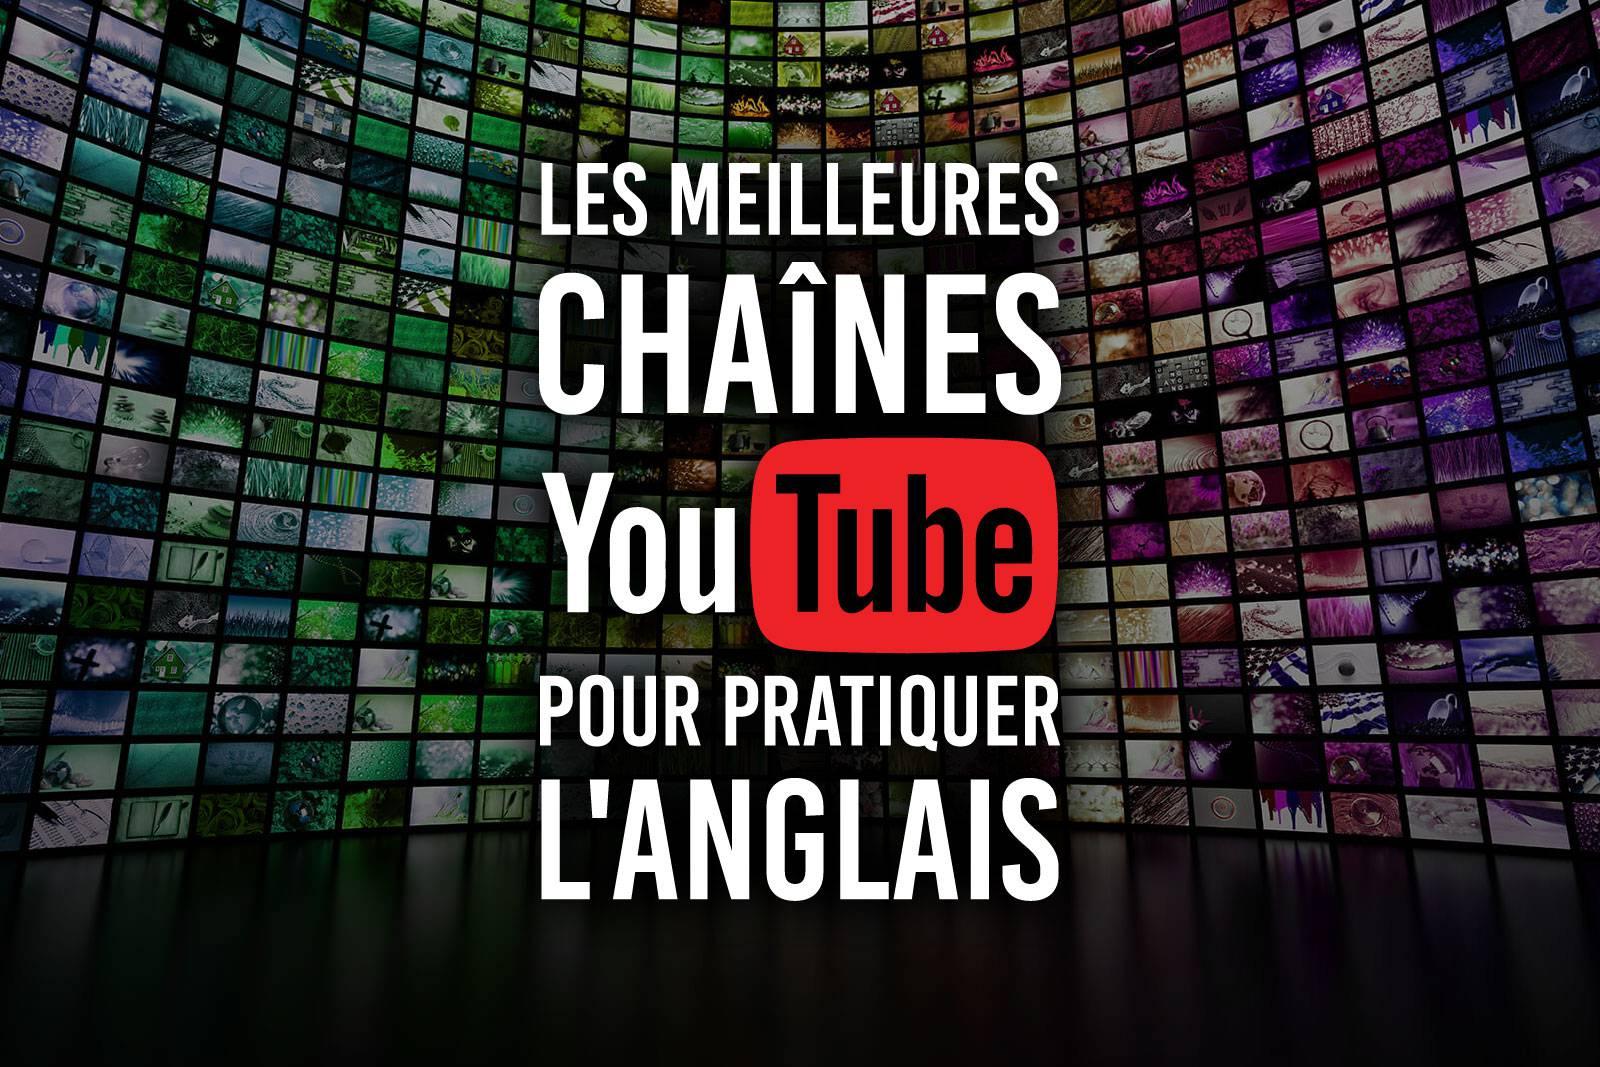 YouTubers anglais · Les meilleurs chaînes YouTube pour pratiquer l'anglais